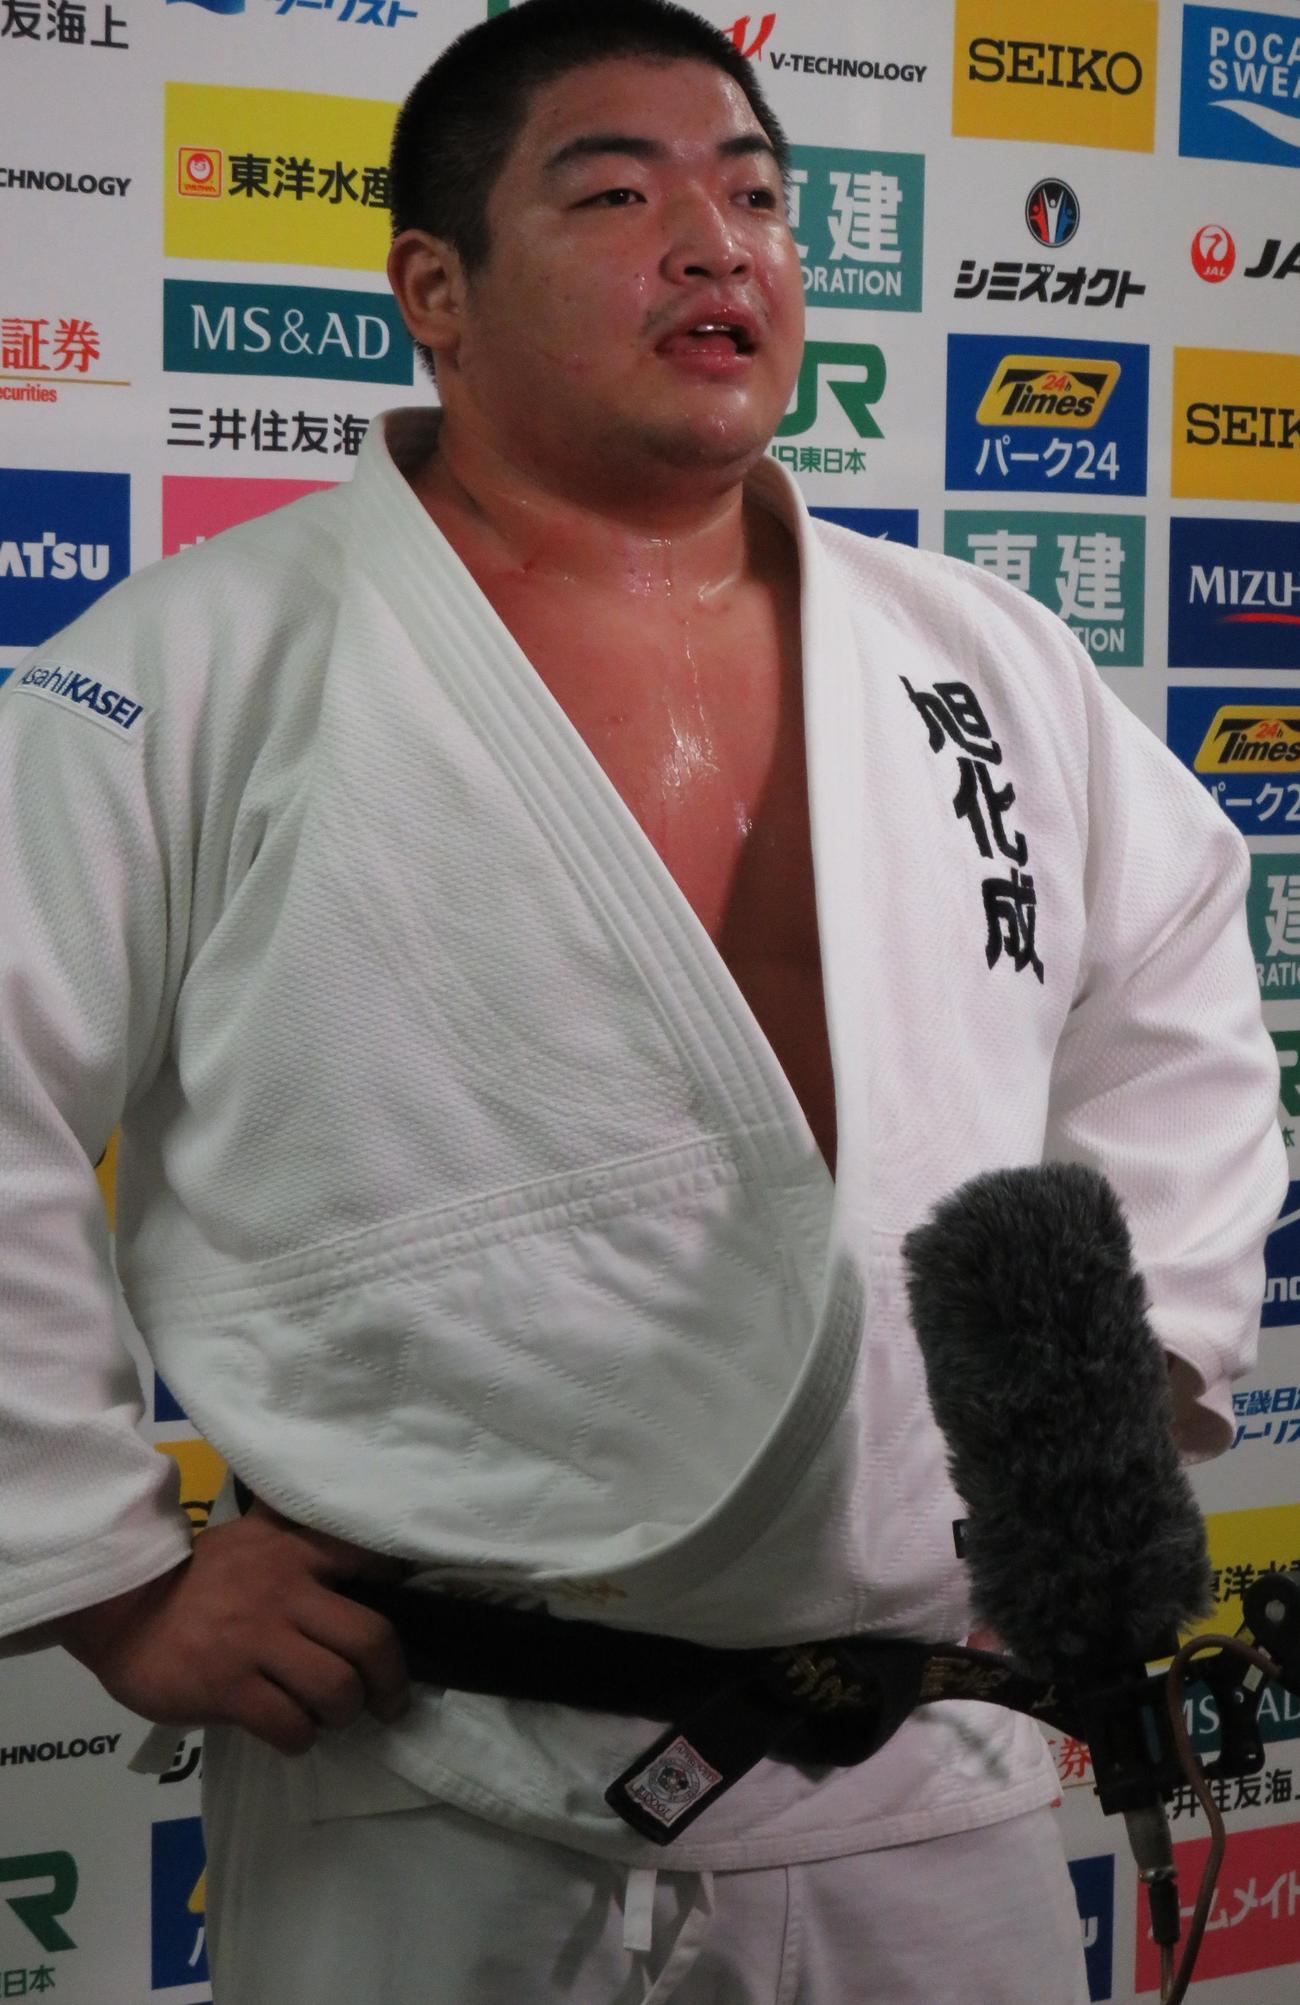 丸坊主頭で全日本選手権に臨んだ王子谷剛志(19年4月29日)